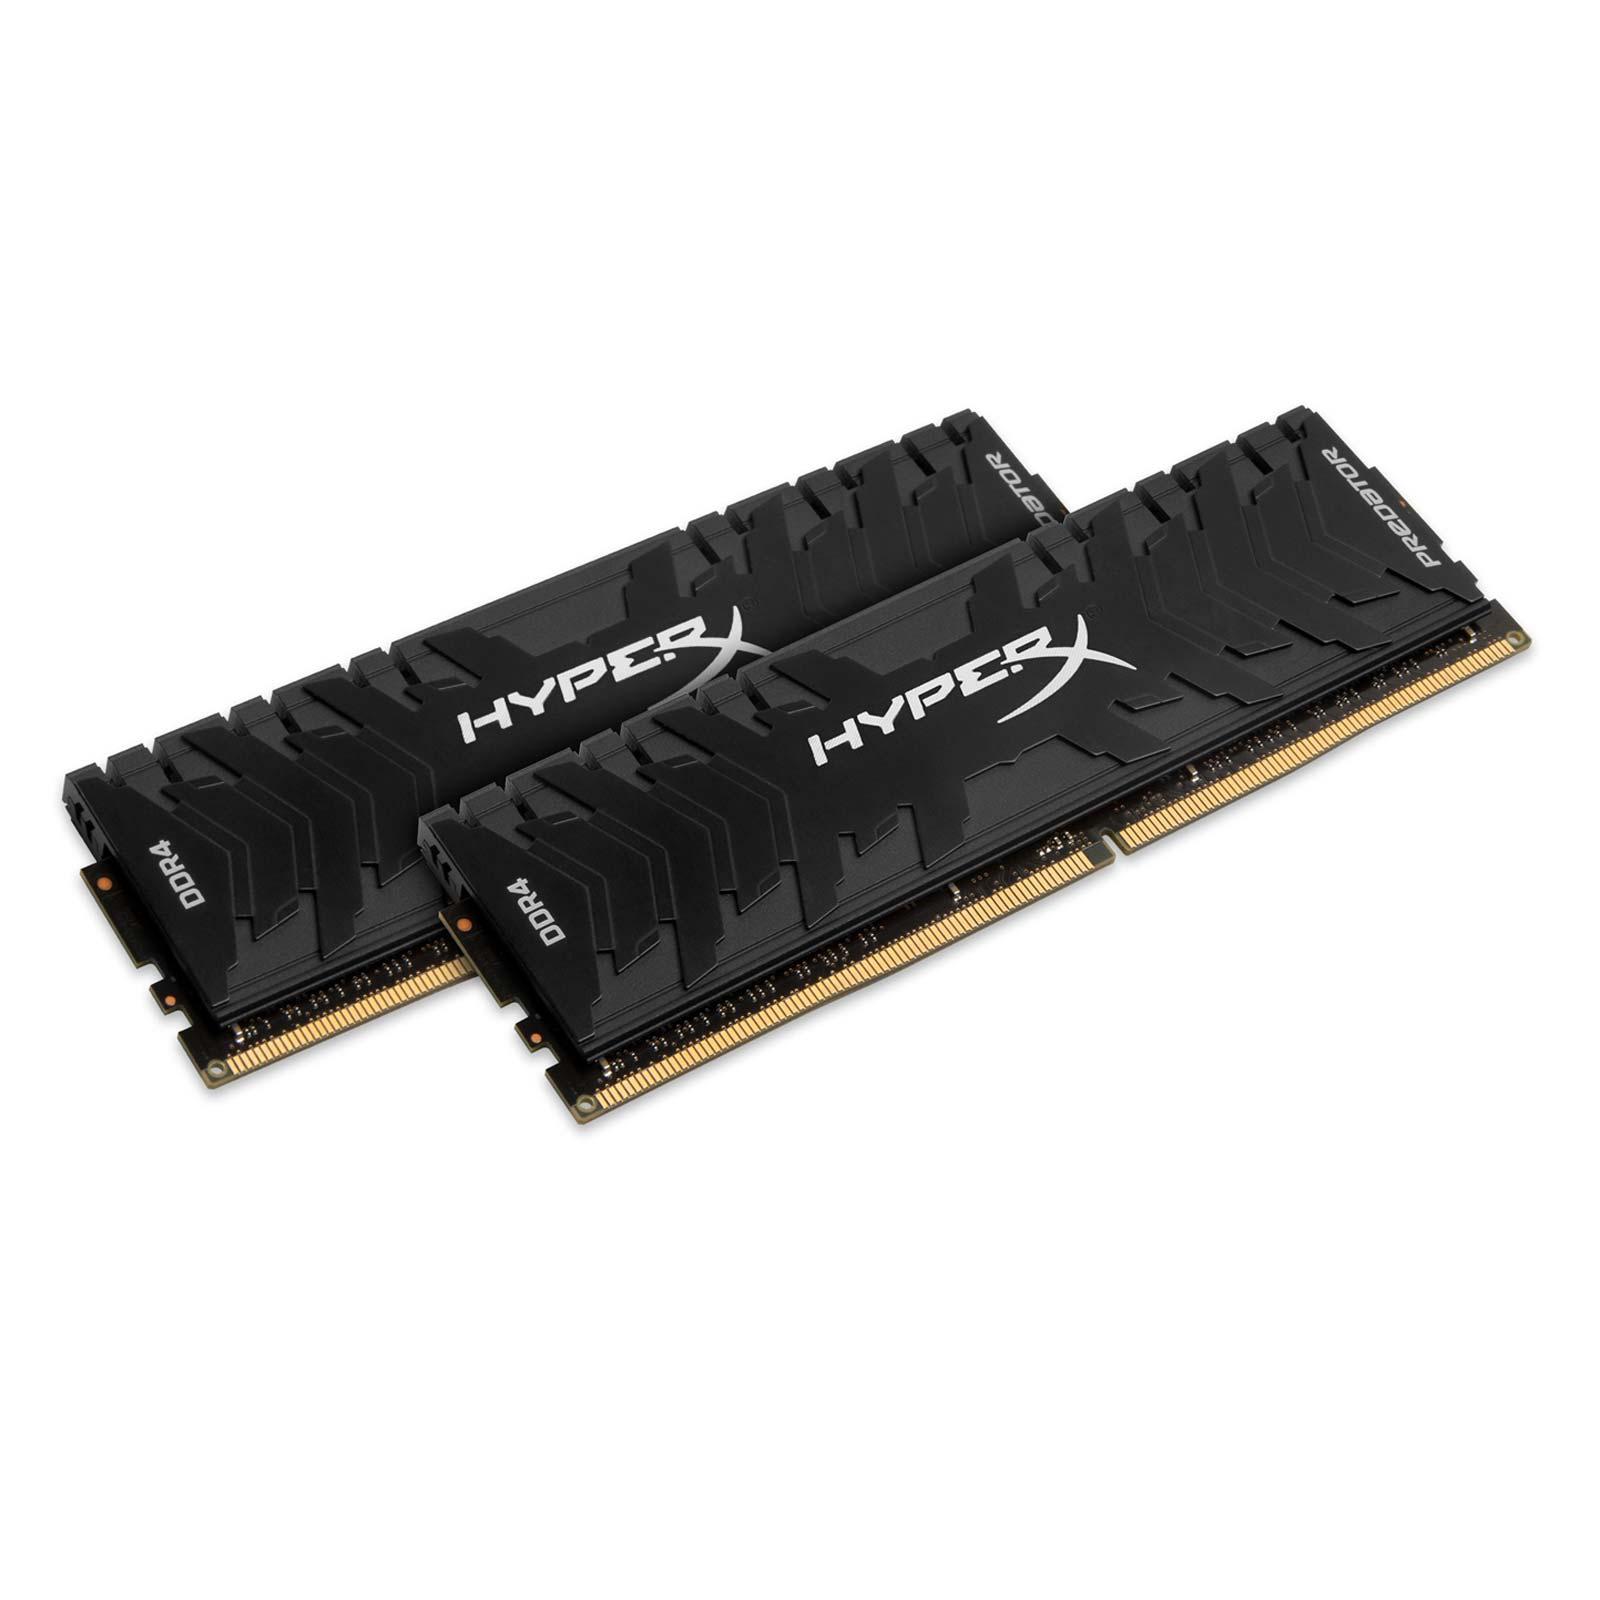 Kingston HX432C16PB3K2/16 16Go  16Go DDR4 3200MHz - Mémoire PC - 0